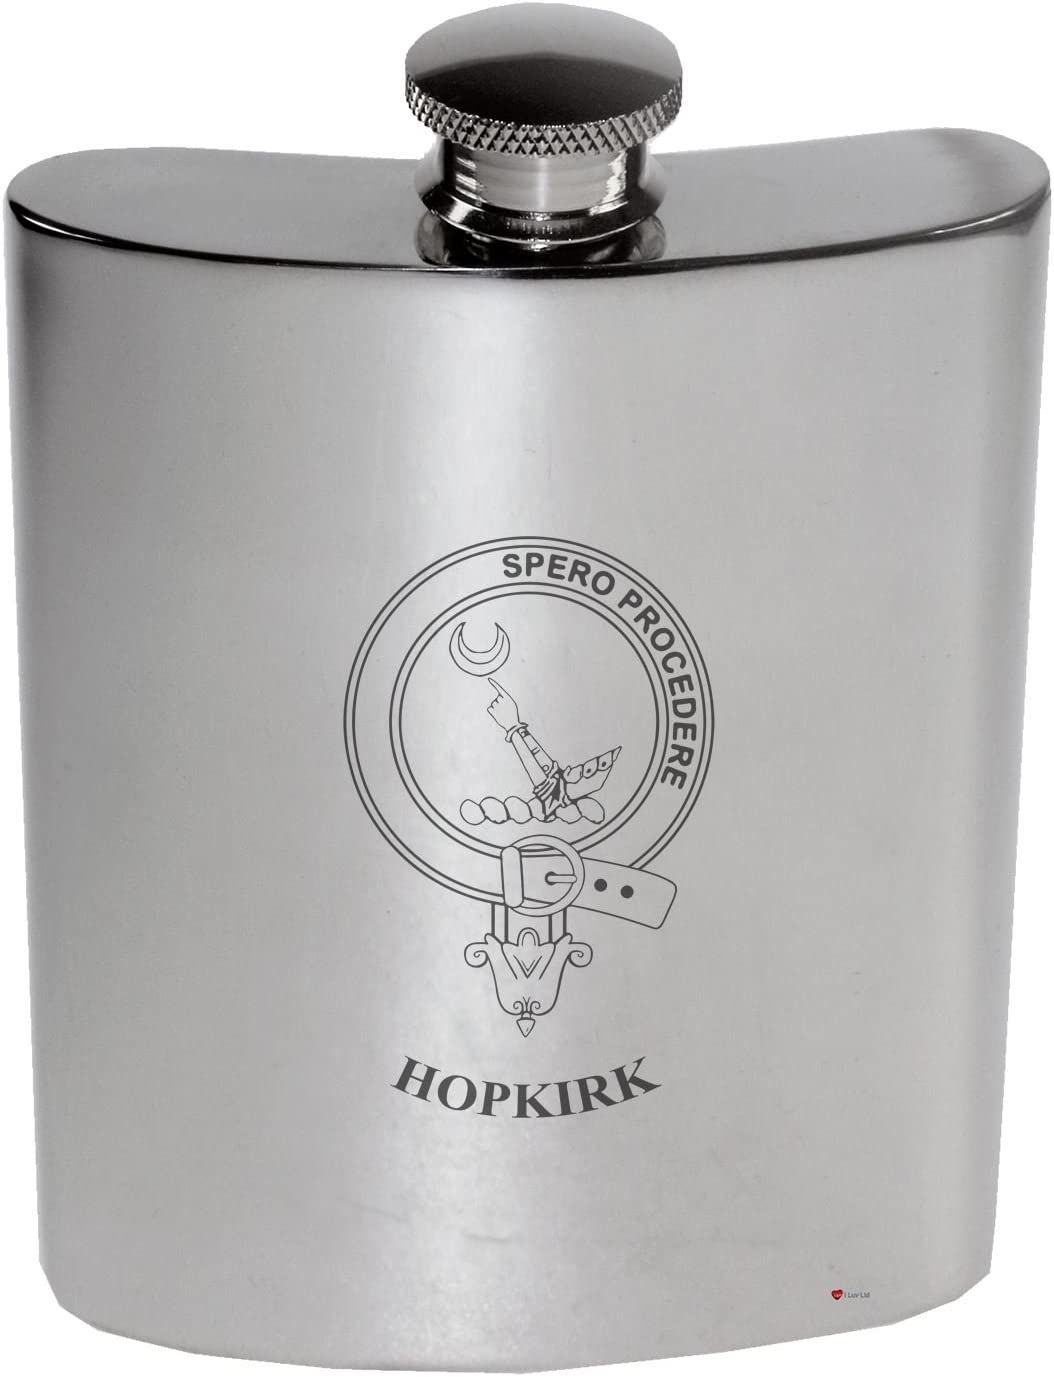 Hopkirk Family Crest 6oz Polished Pewter Kidney Flask